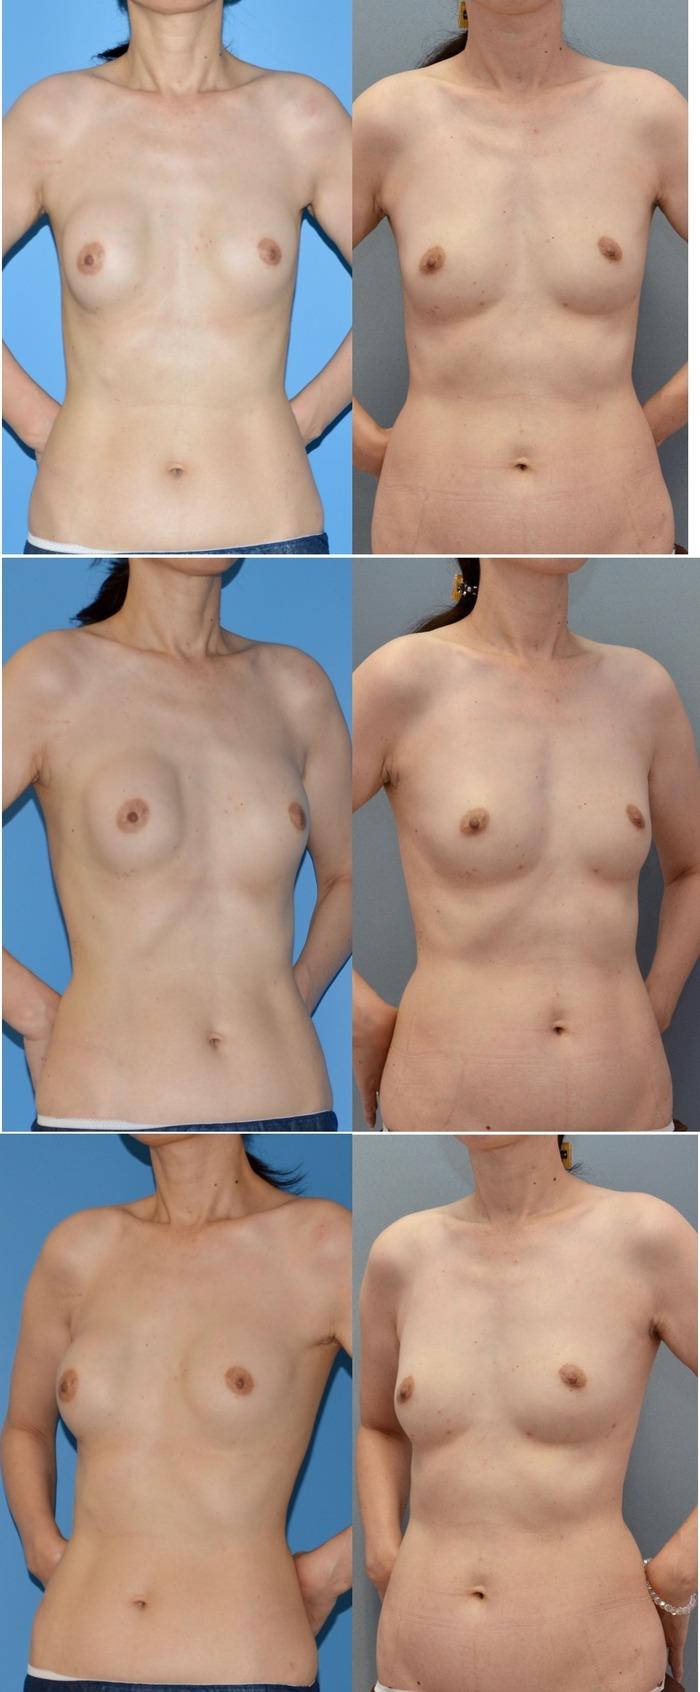 シリコンバッグ除去 脂肪注入 ピュアグラフト豊胸術 術後3ヶ月